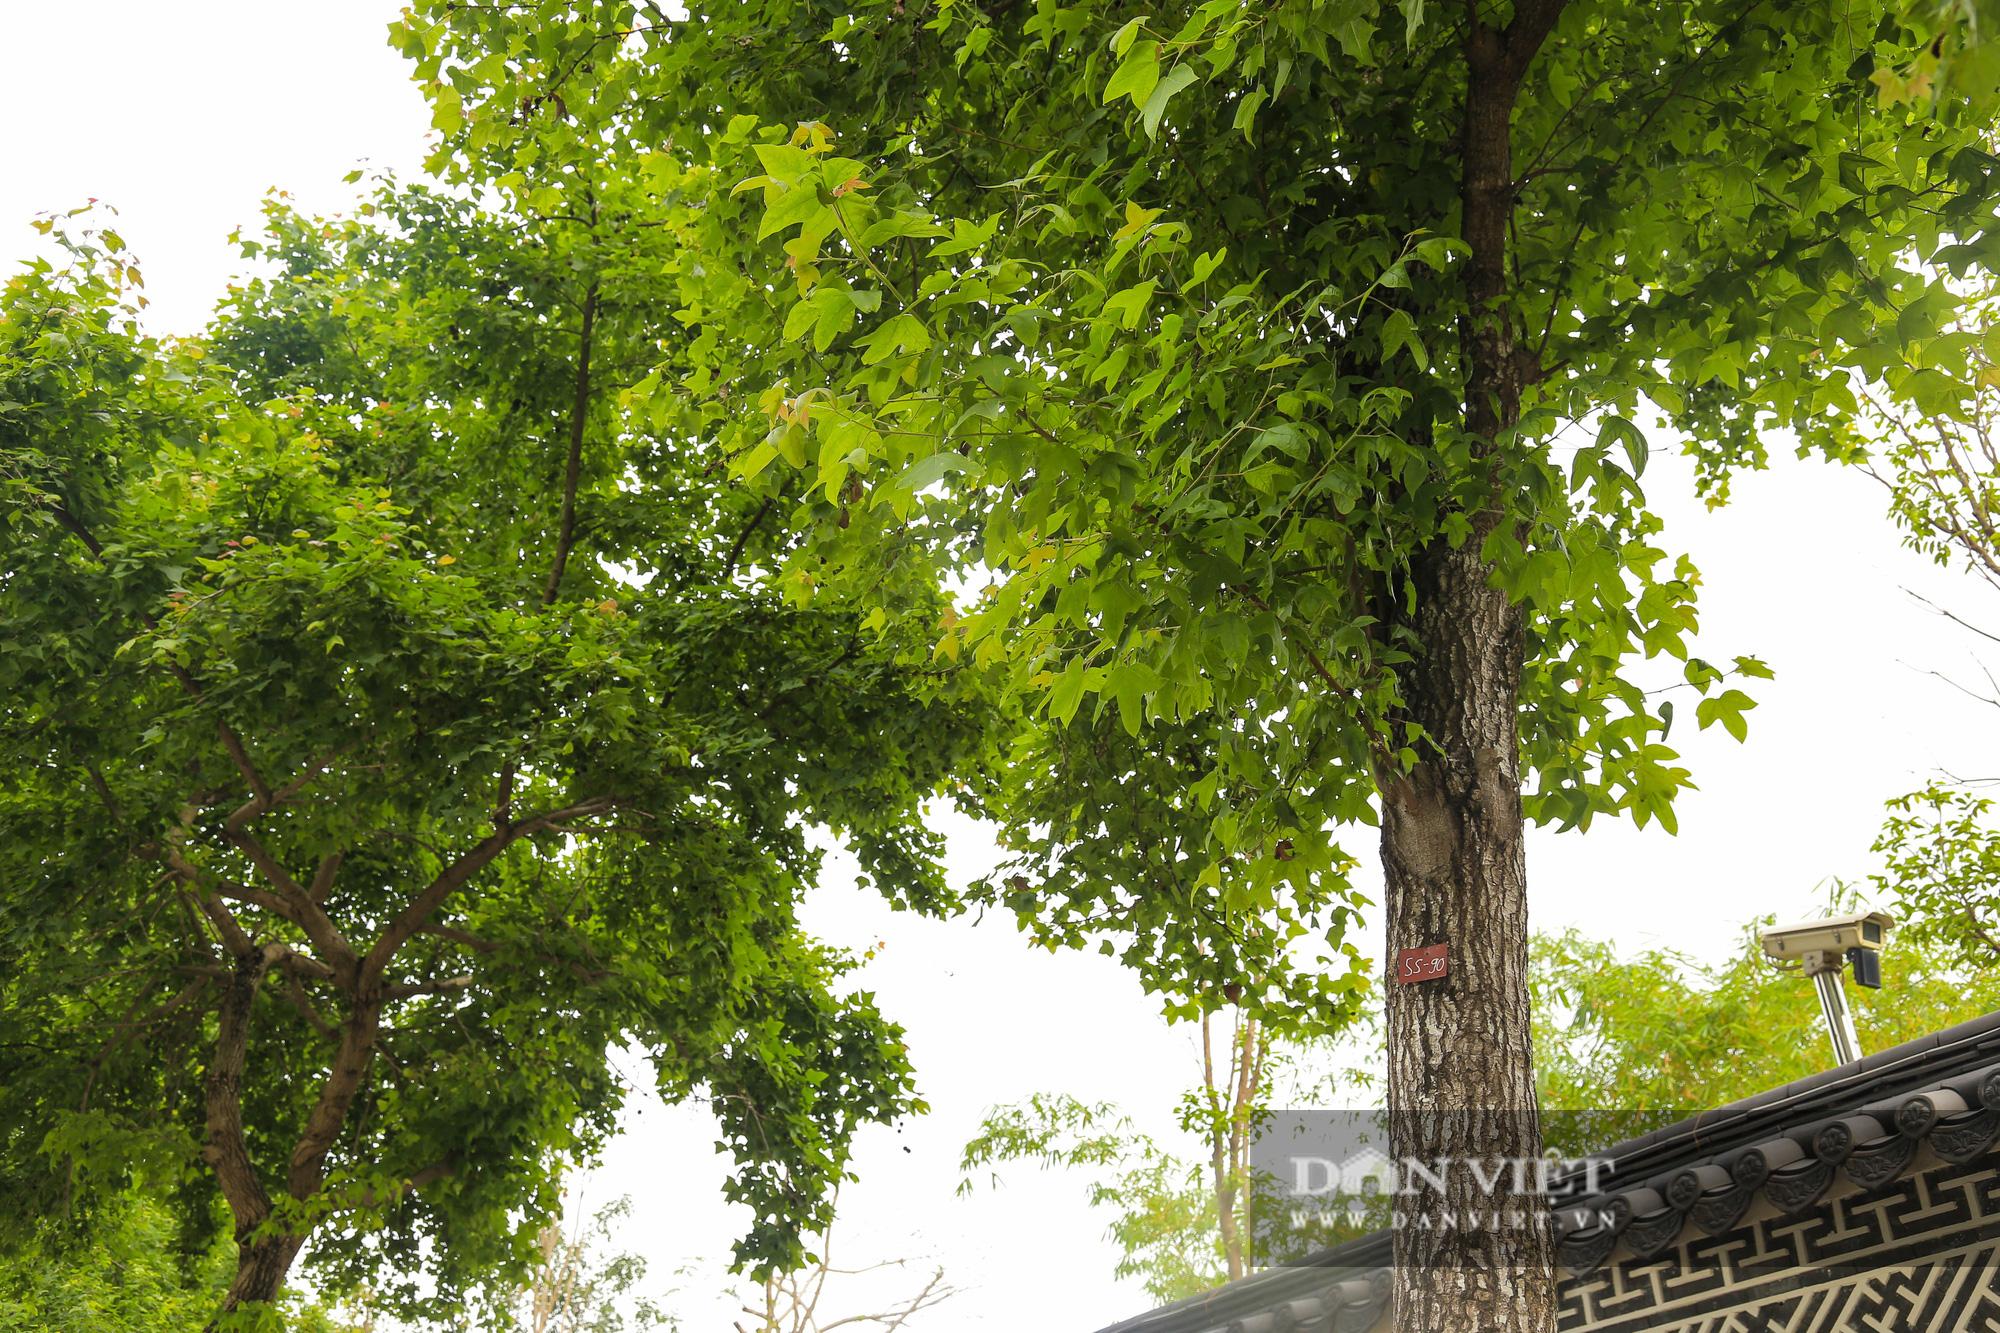 Ngỡ ngàng loài cây giống hệt phong lá đỏ xanh tốt giữa phố Hà Nội - Ảnh 4.